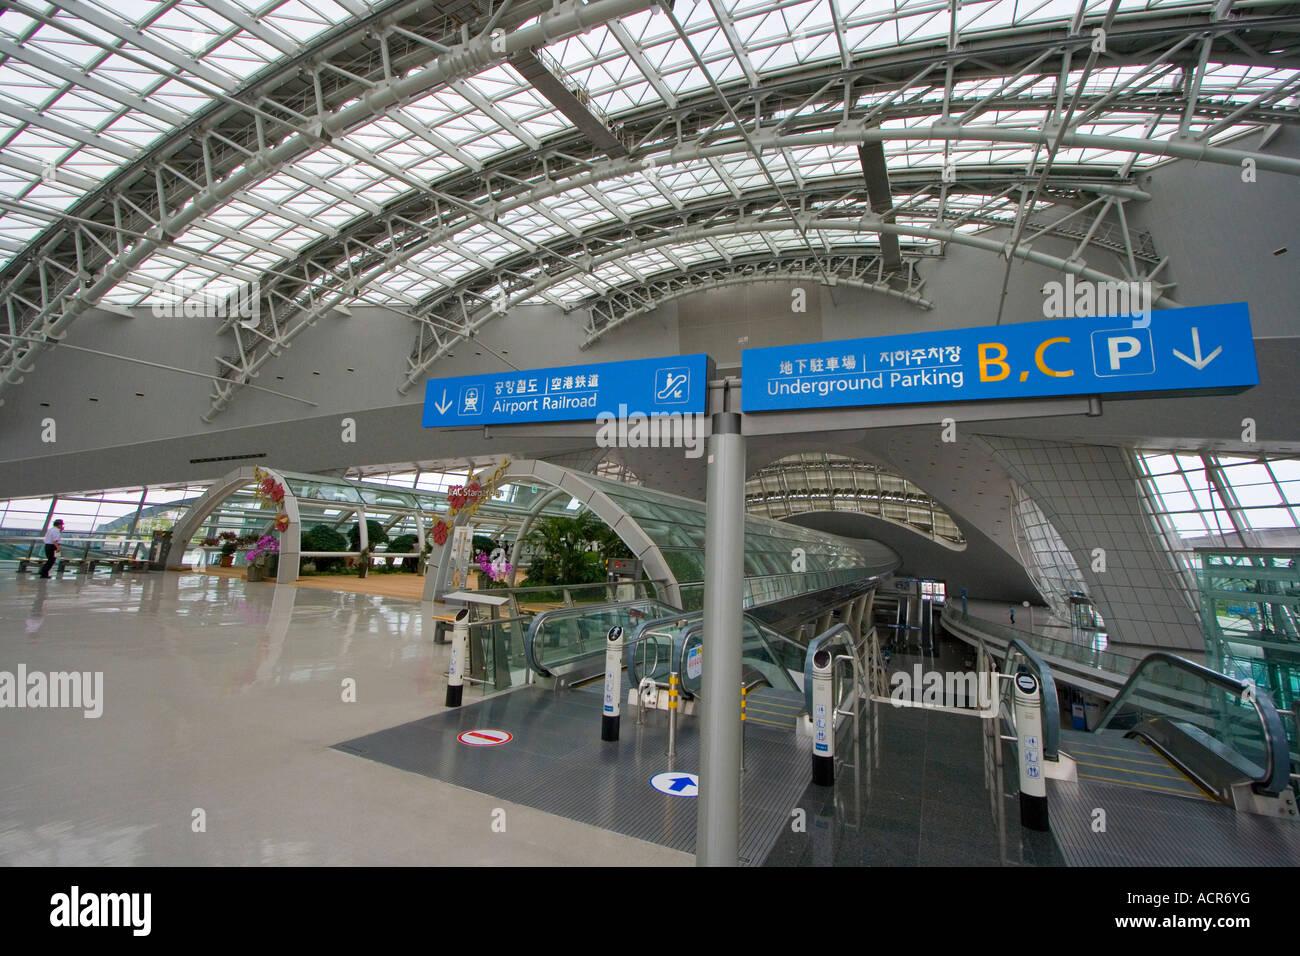 ICN Incheon International Airport AREX Flughafen Bahnhofsgebäude ...